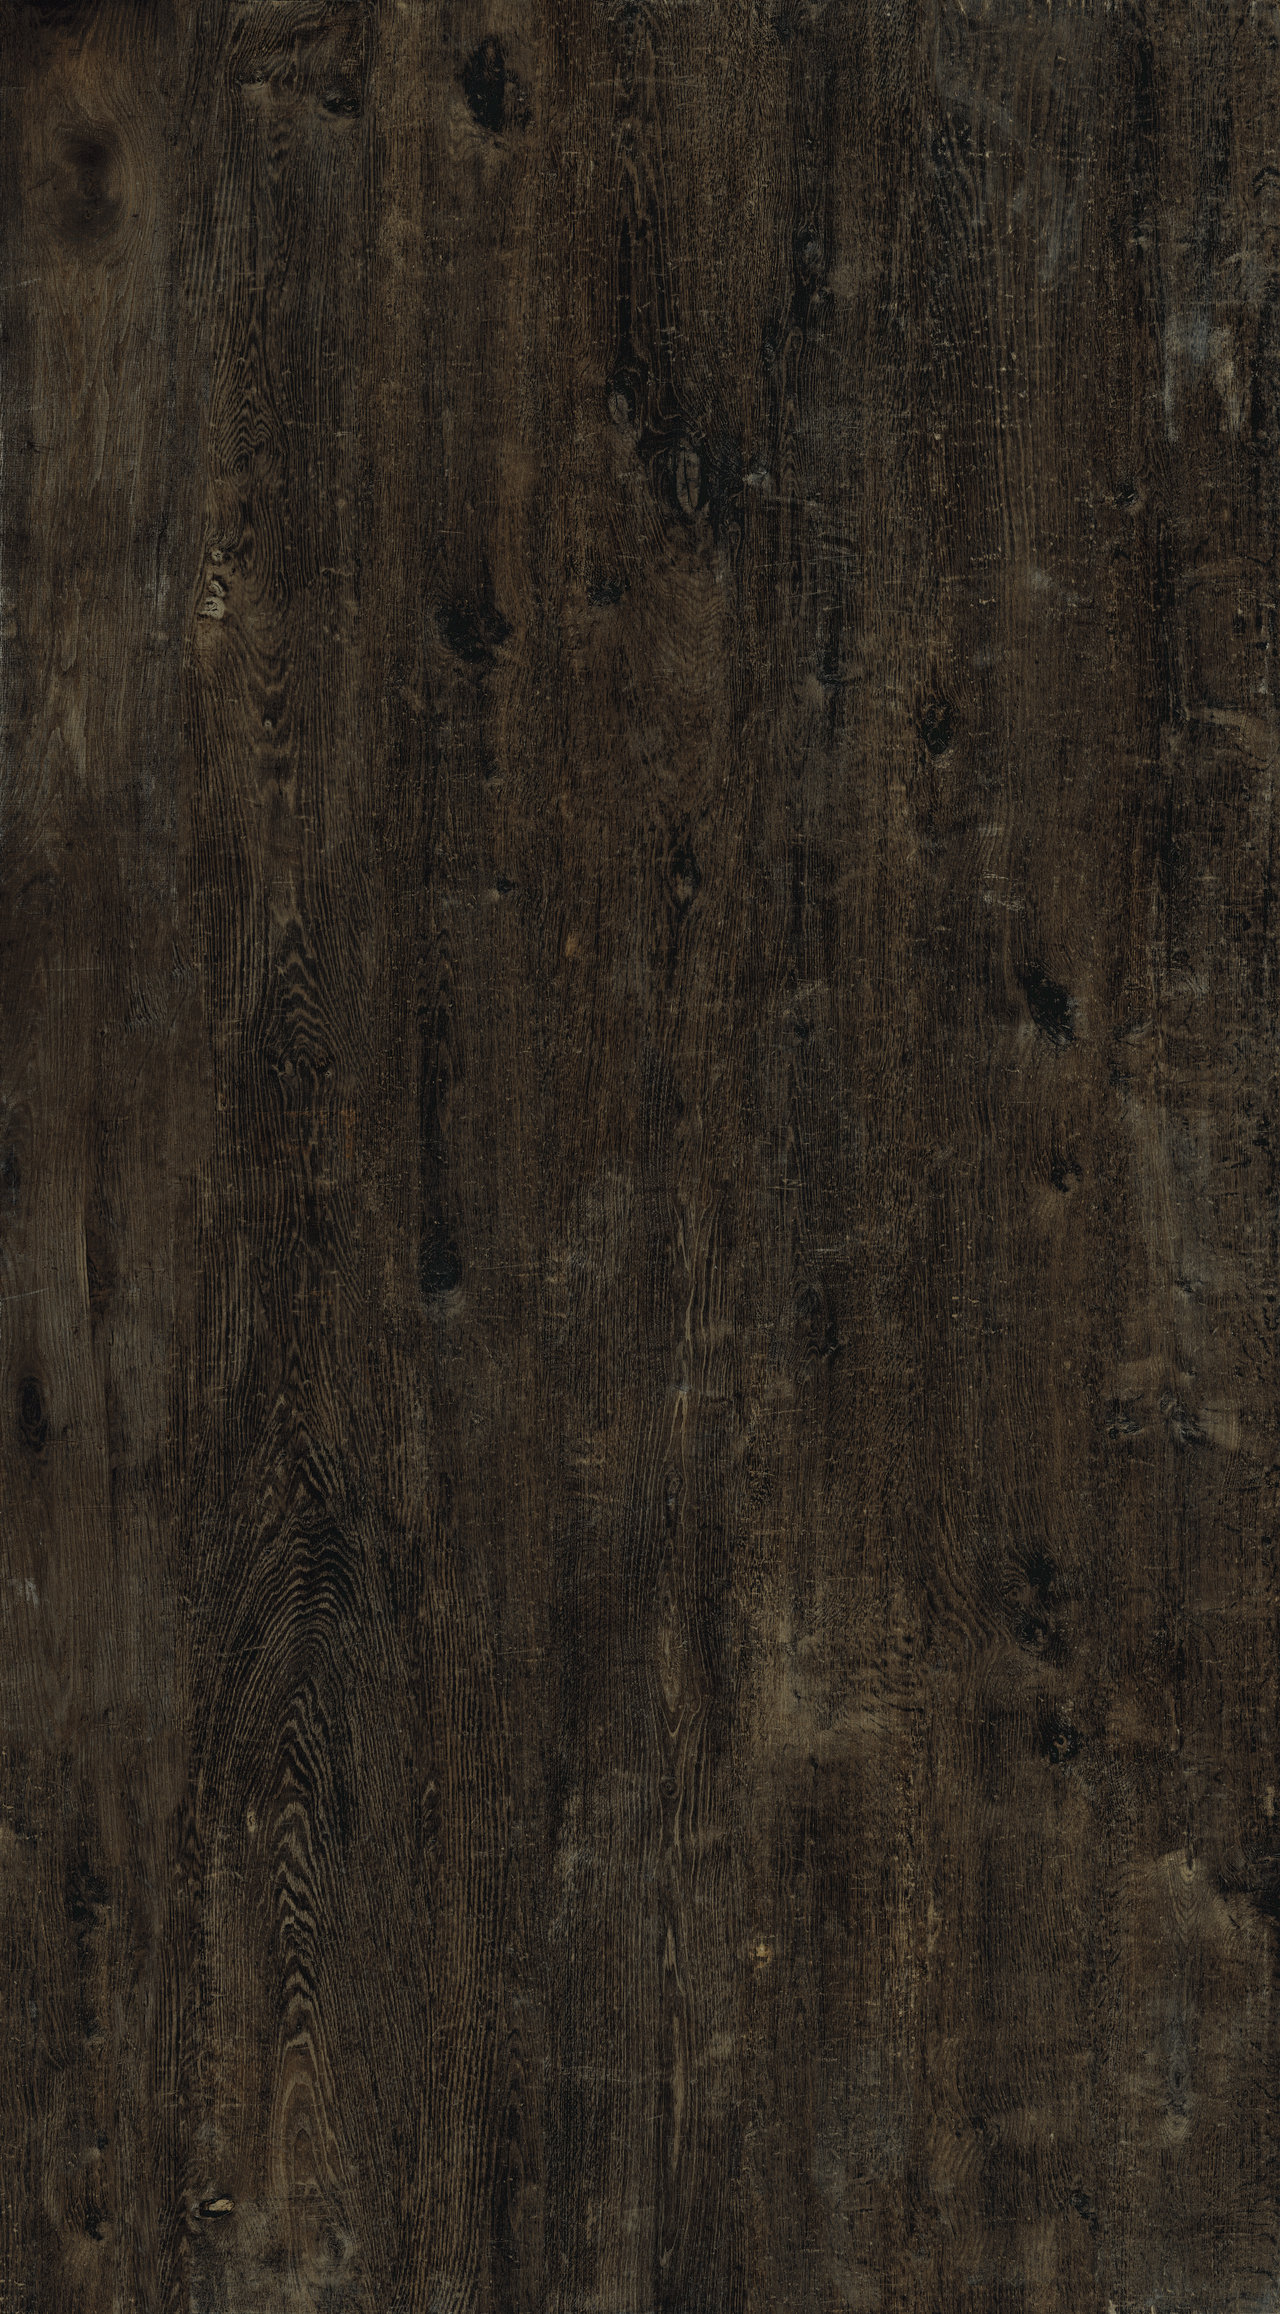 Lochwood sp lw charcoal nat 1248 f1 USG1248215